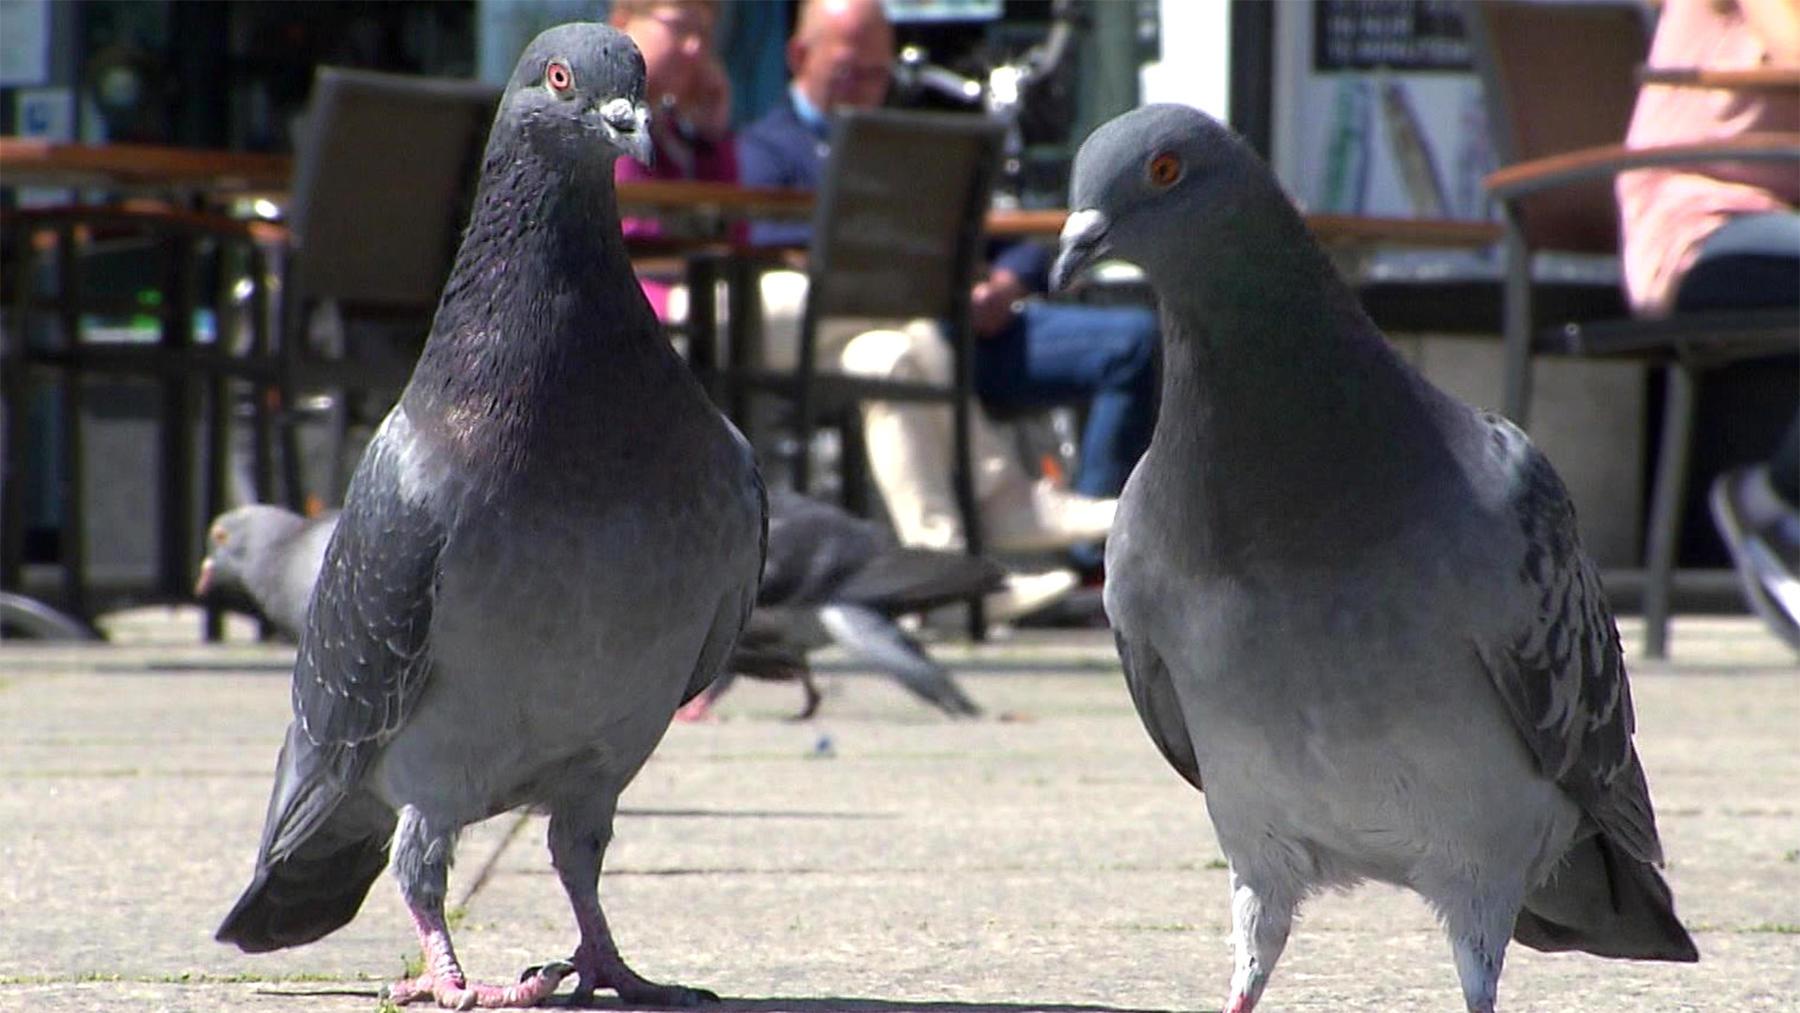 Heute: Kot und Elend - die Hassliebe zu den Tauben